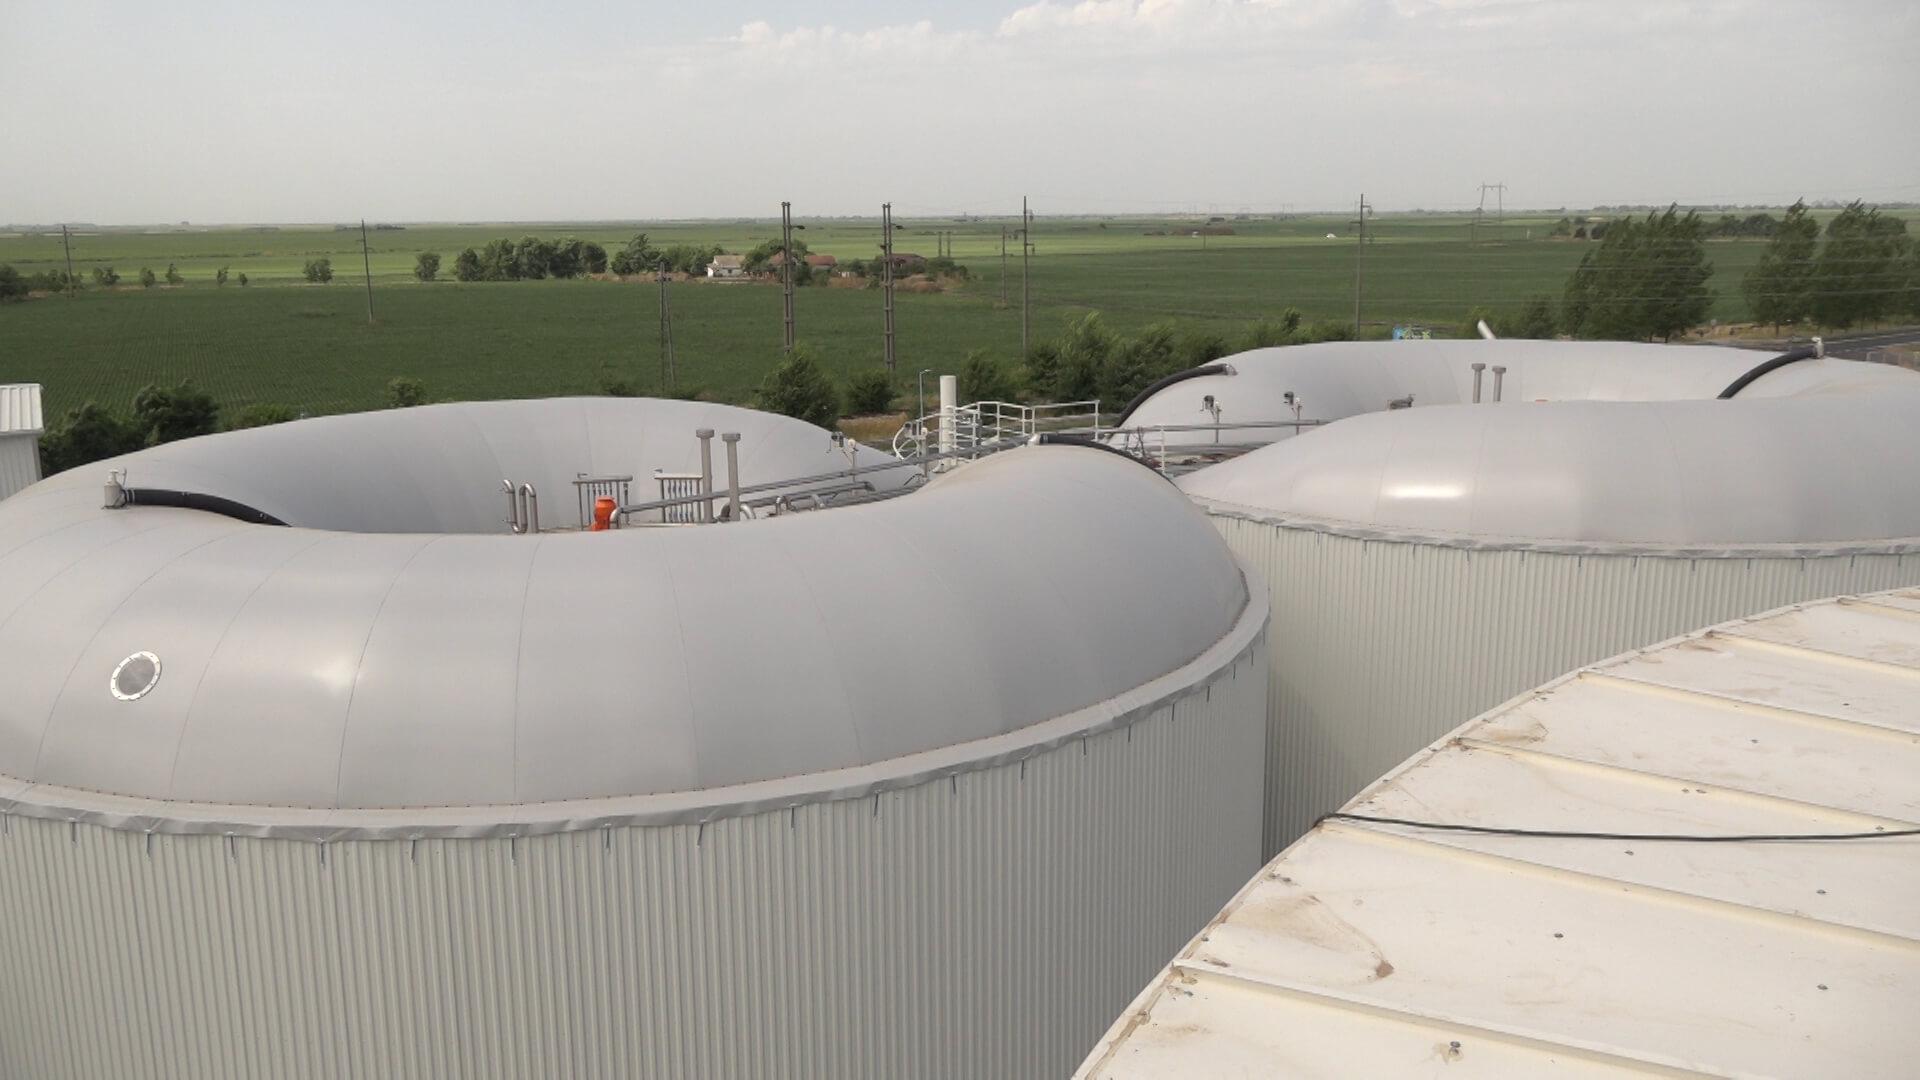 Sunoko biogasno postrojenje (6)